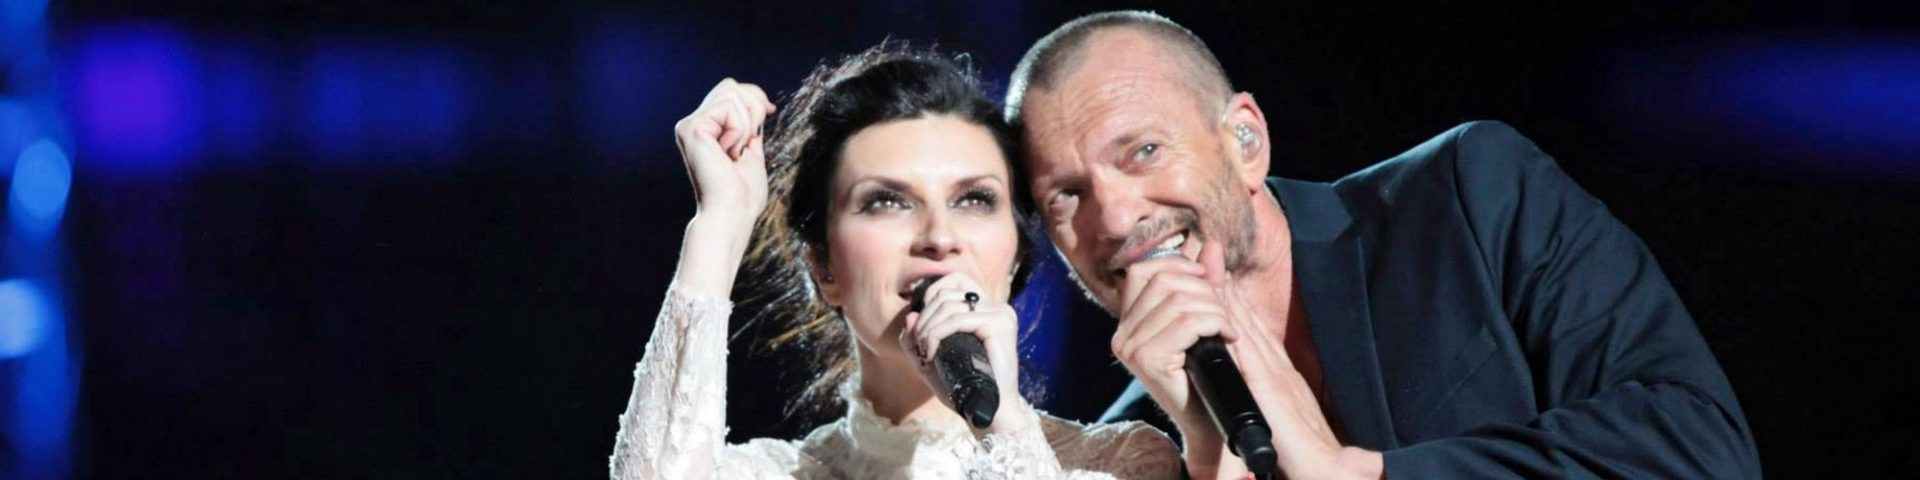 Laura Biagio a Milano 4 e 5 luglio: scaletta, biglietti, come arrivare